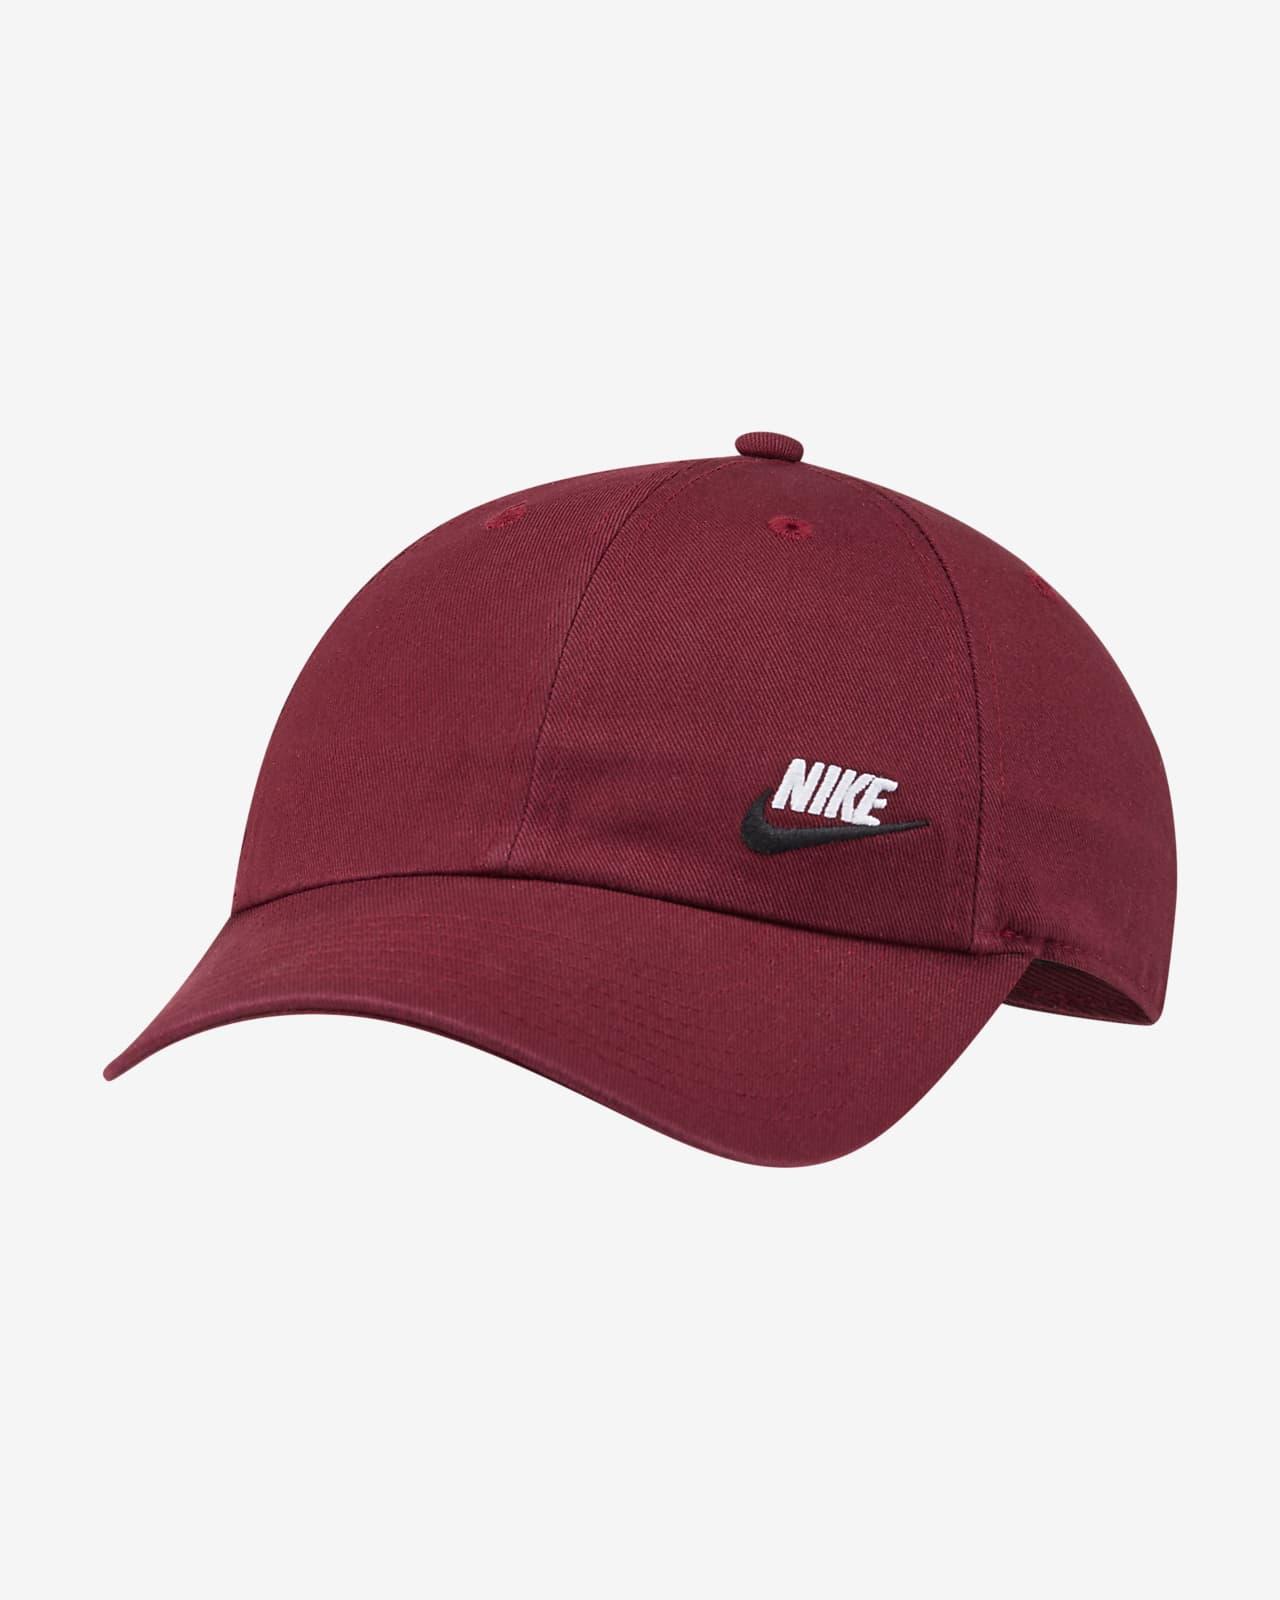 Nike Sportswear Heritage 86 Women's Cap